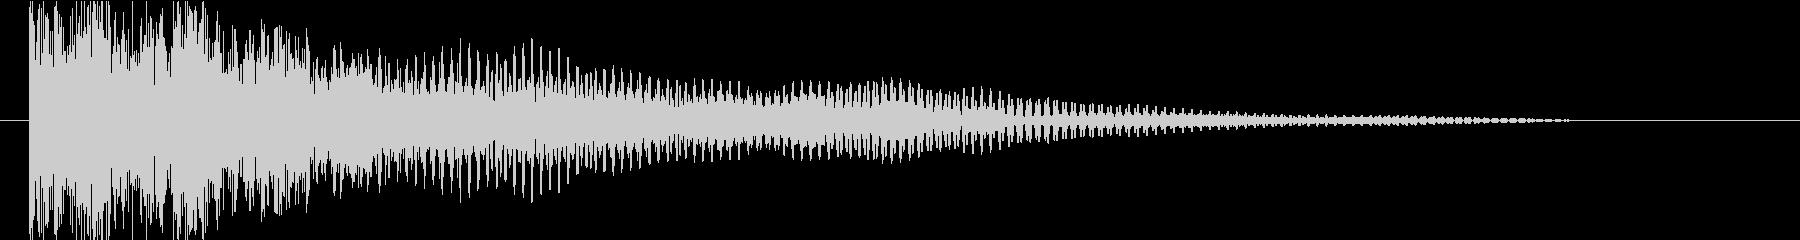 パーカッション サブメタルインパクト01の未再生の波形